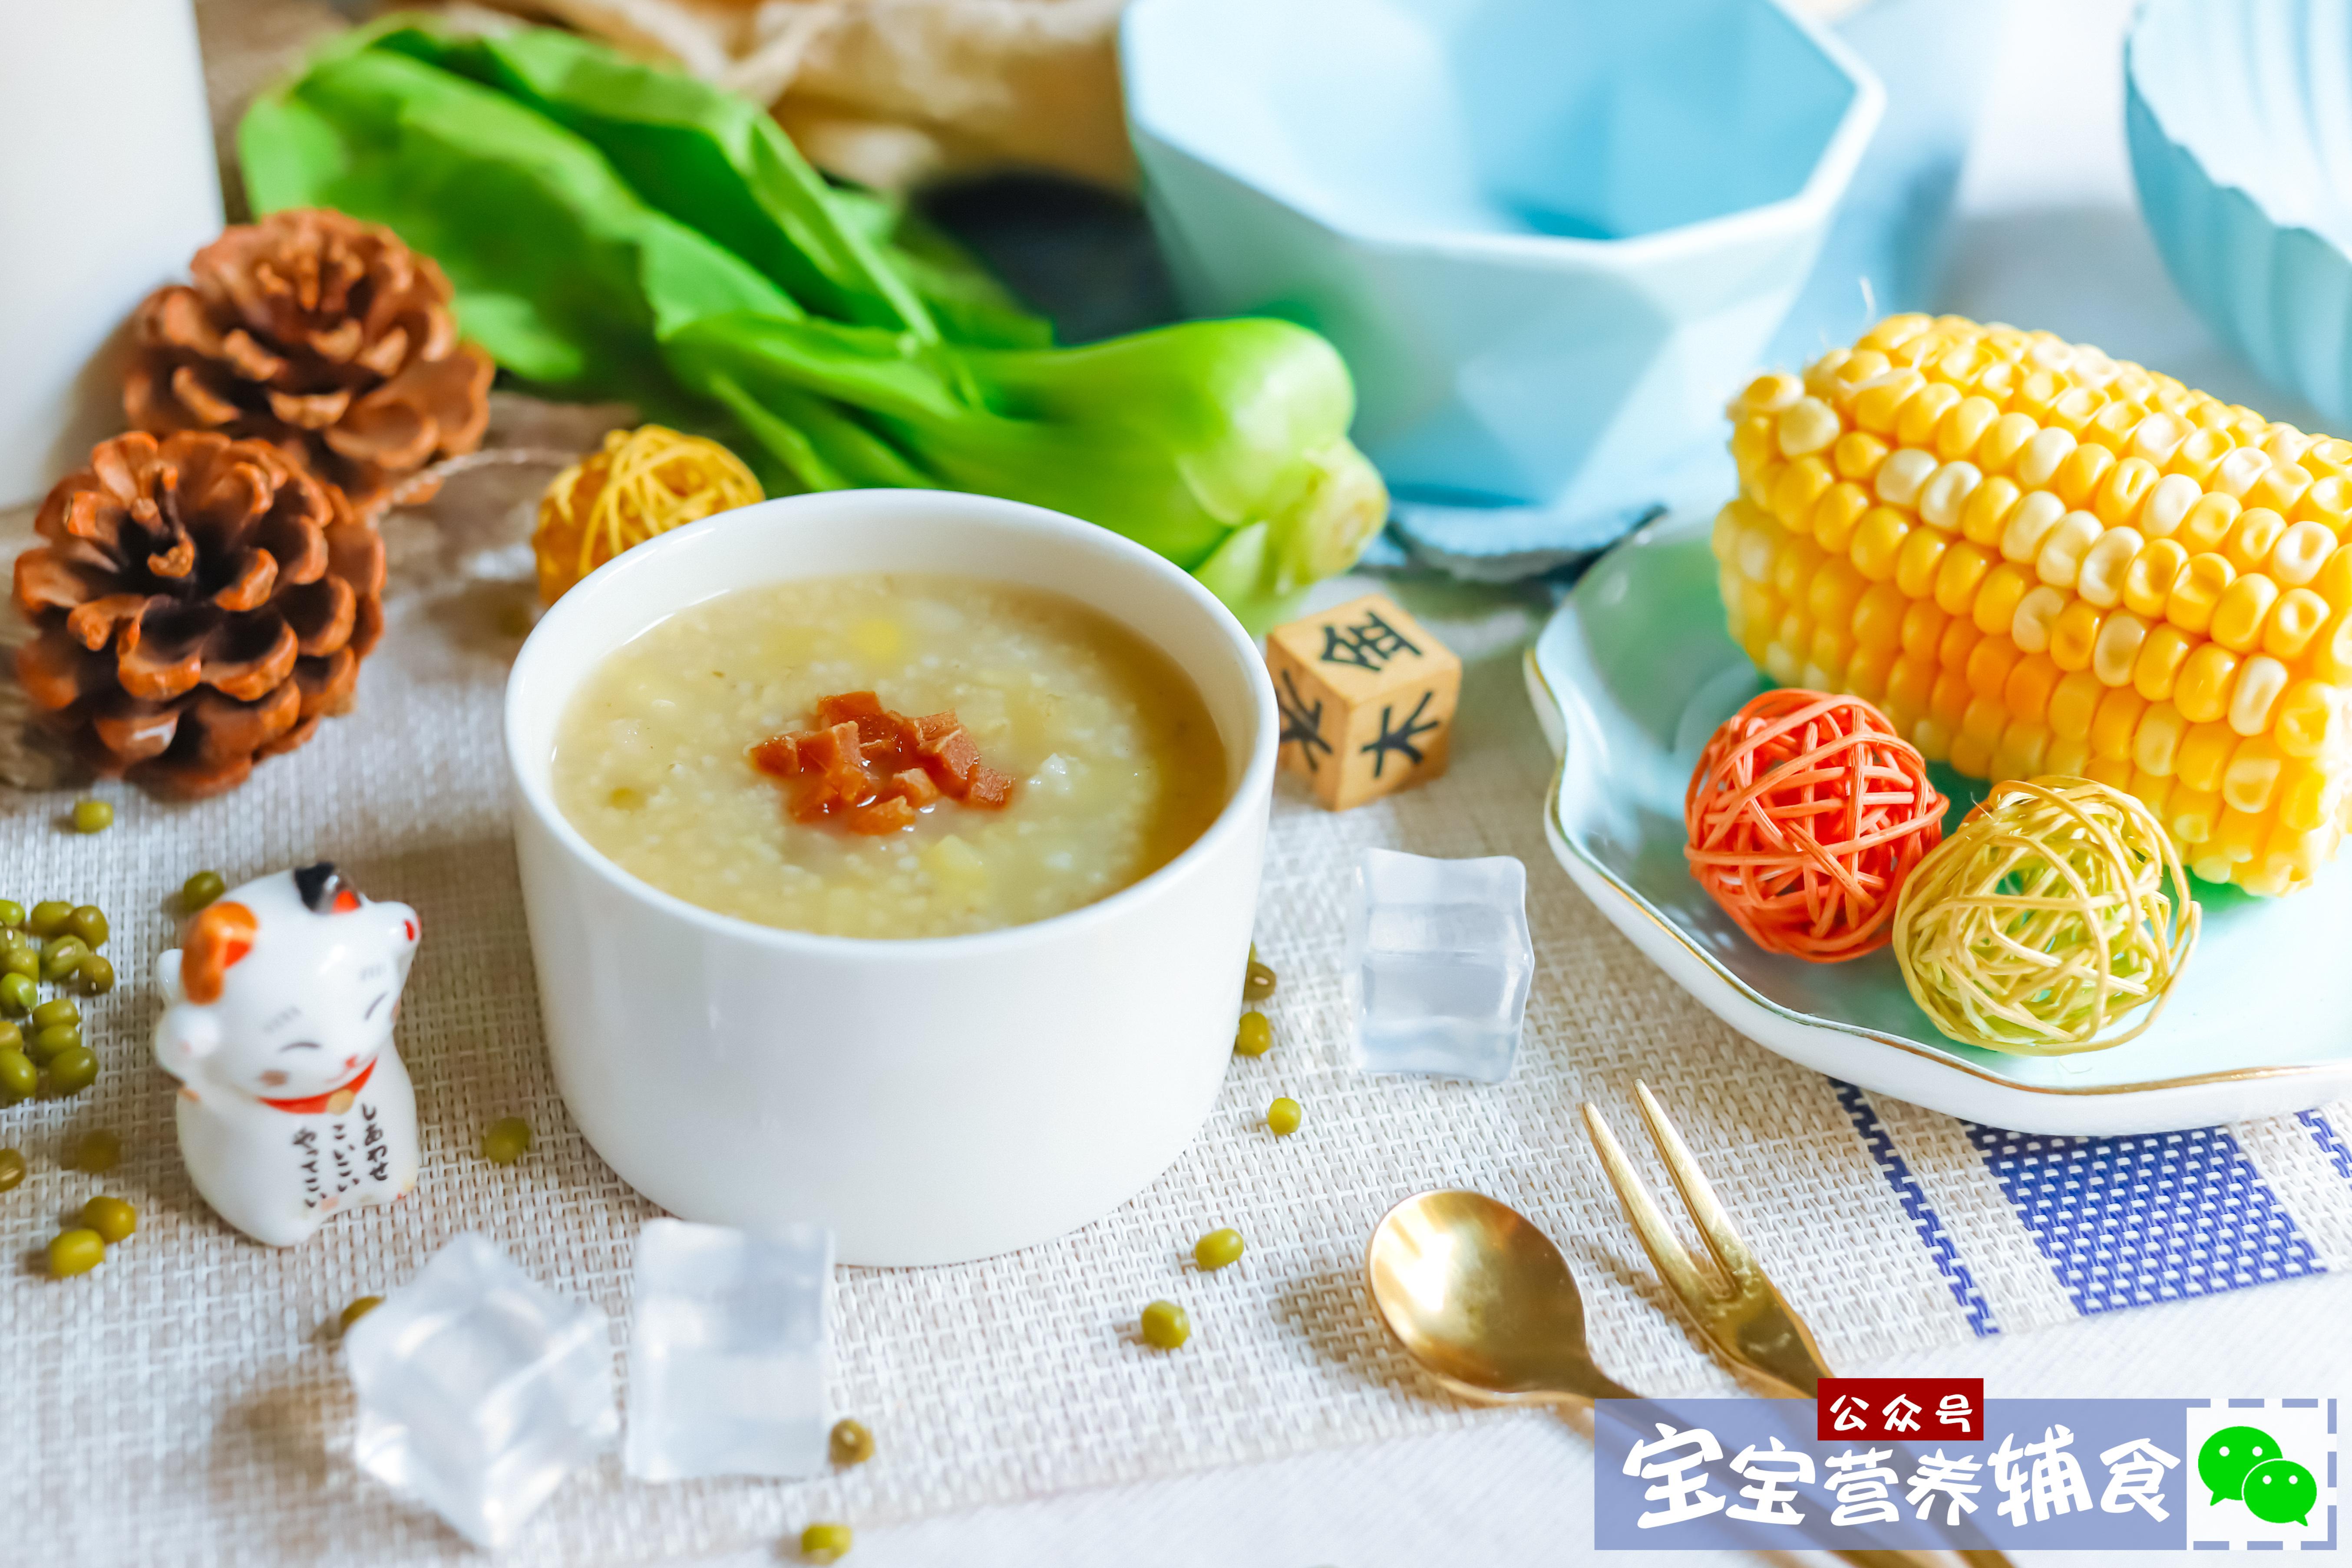 苹果绿豆小米粥